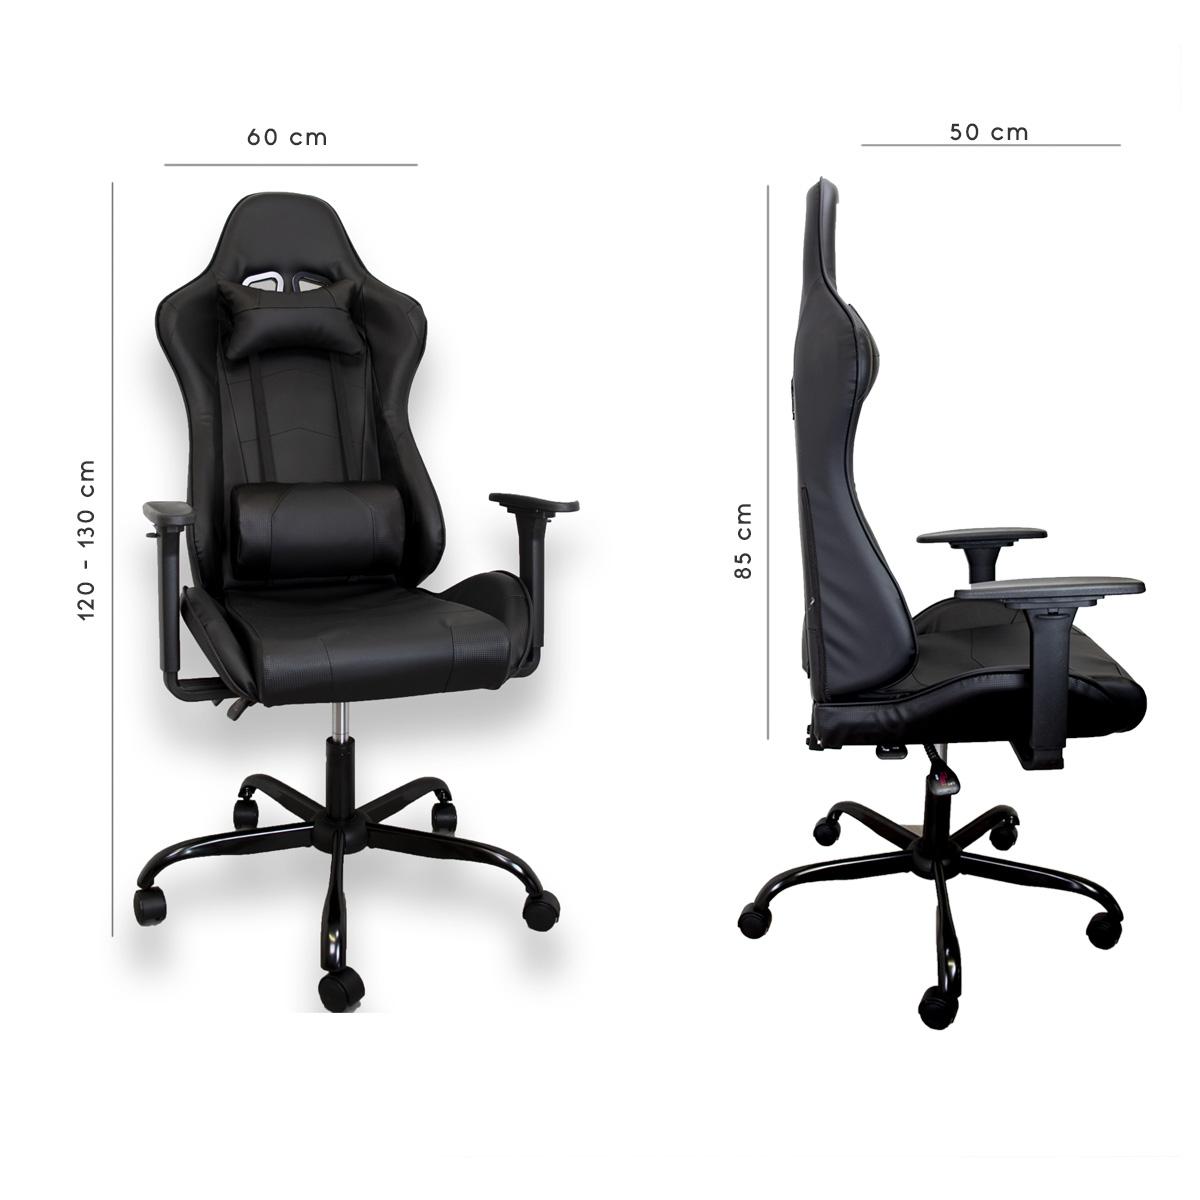 miniatura 3 - Sedia Poltrona da Gaming per Ufficio reclinabile Imbottita ergonomica GTX RTX